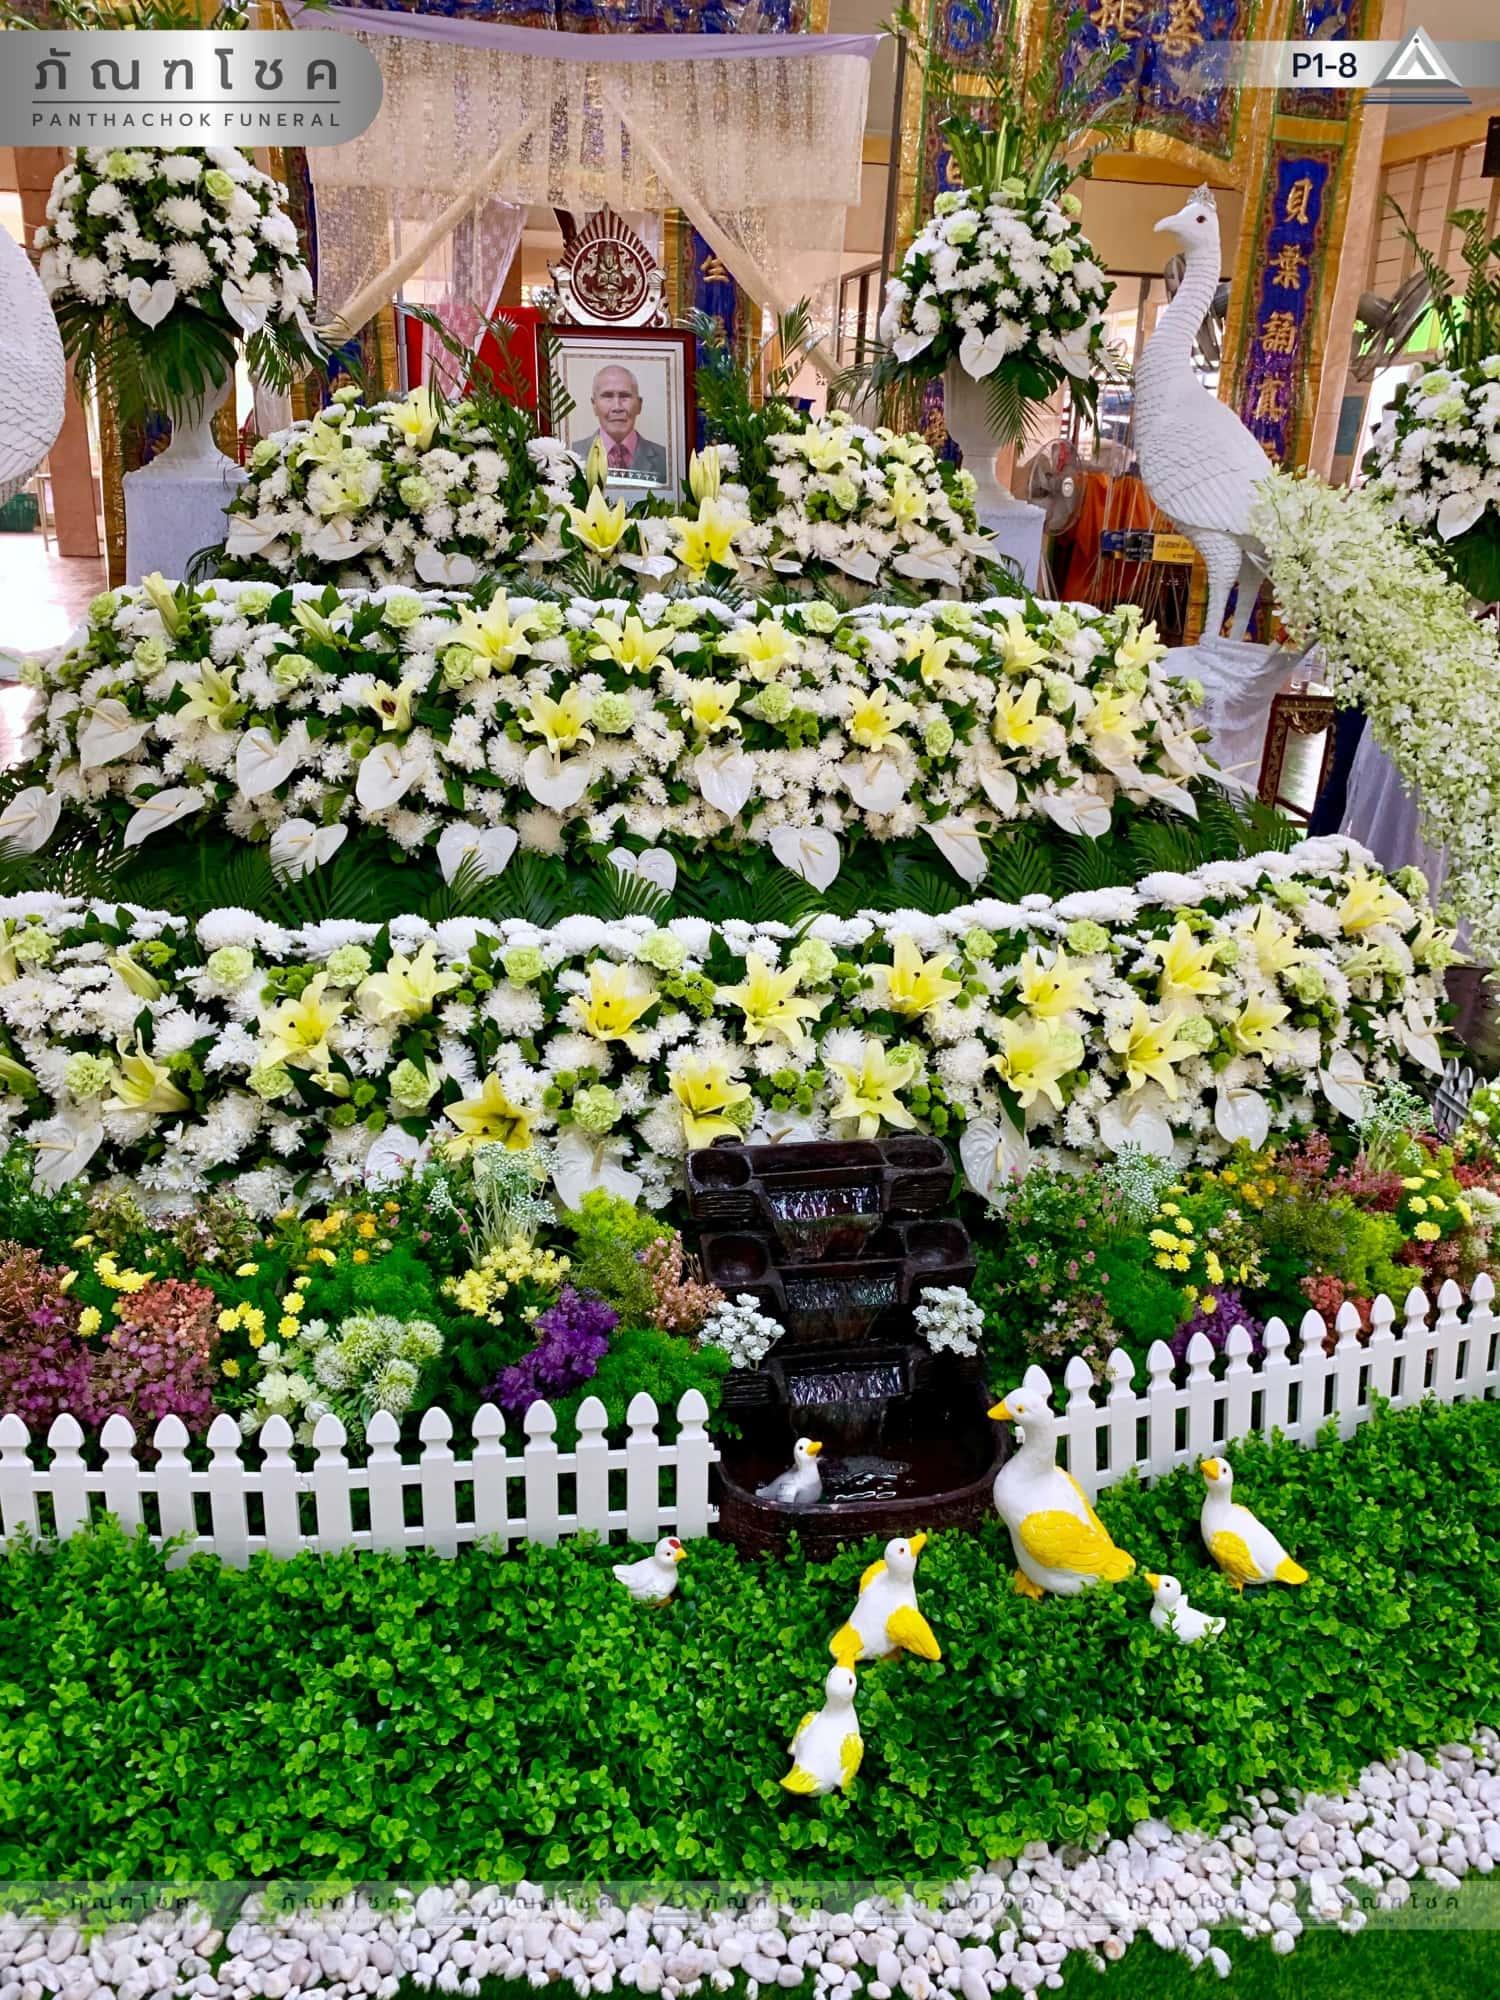 ดอกไม้หน้าศพ-ชุด-p1-8 52